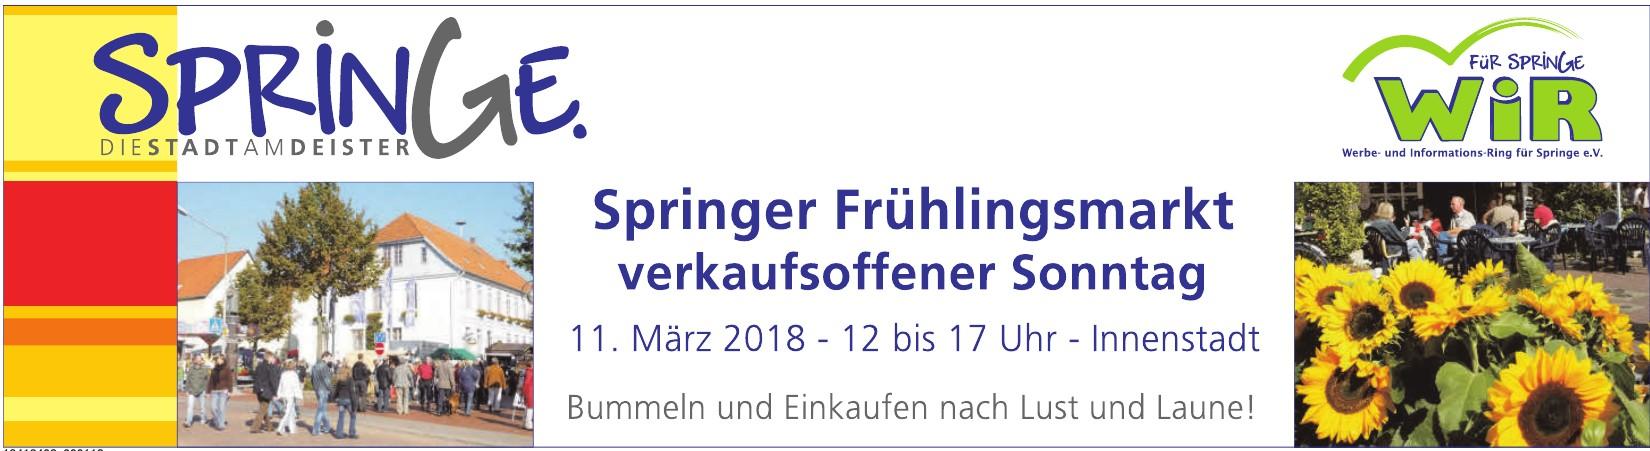 Springer Frühlingsmarkt verkaufsoffener Sonntag